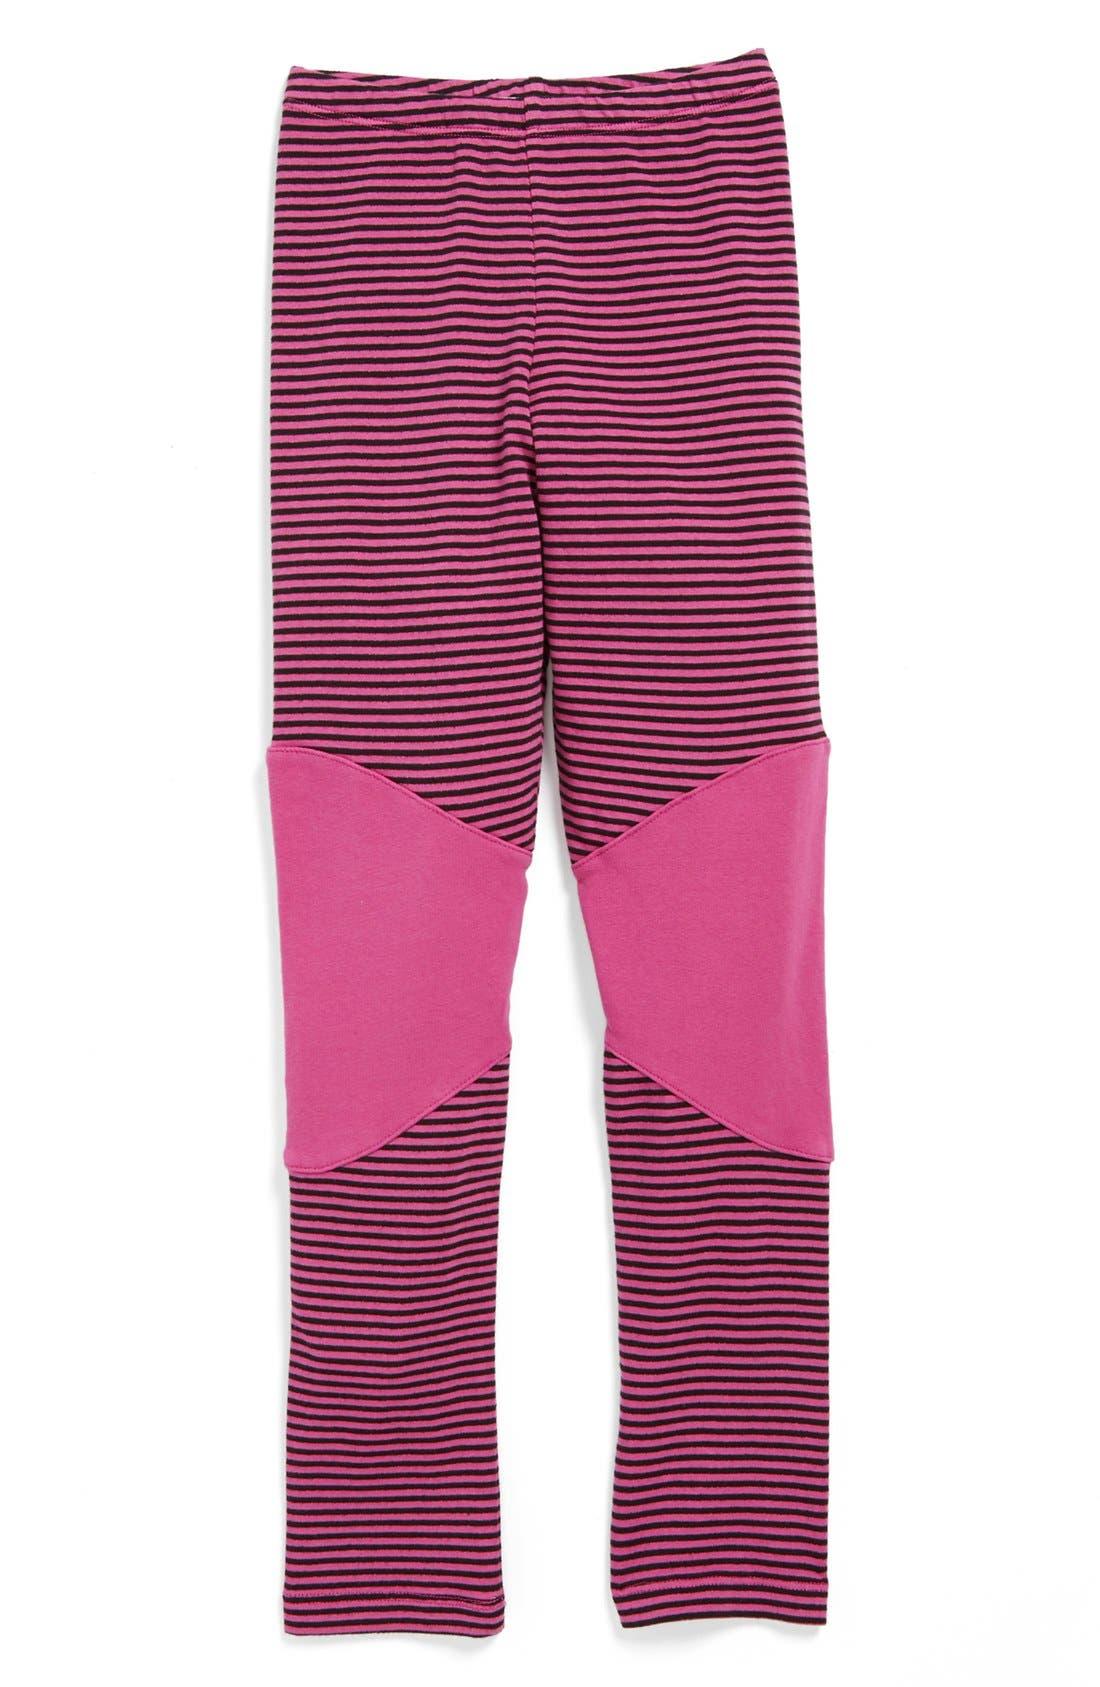 Alternate Image 1 Selected - Joah Love Stripe Leggings (Little Girls & Big Girls)